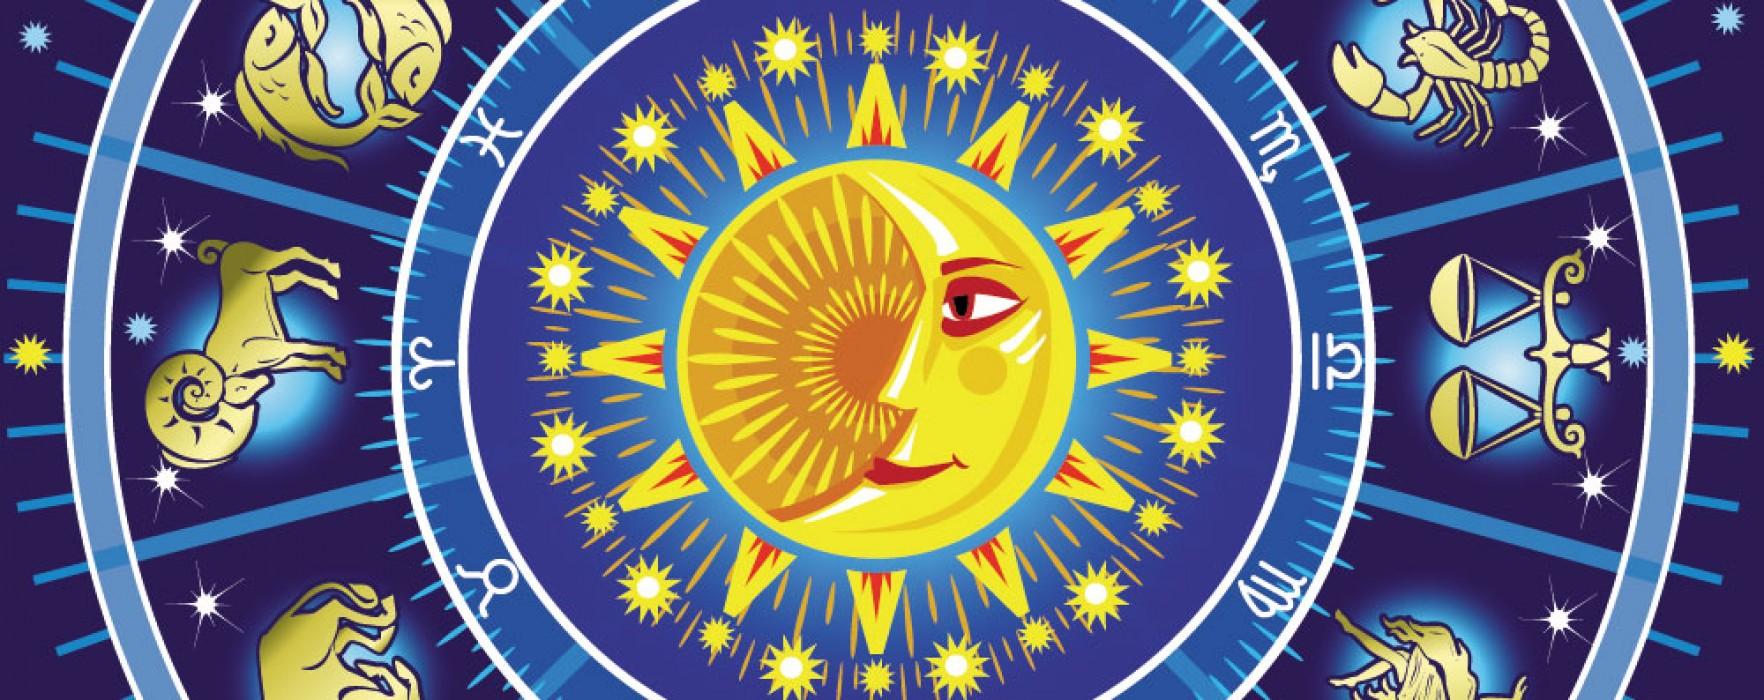 HOROSCOP 2015: Cum va fi anul pentru fiecare zodie